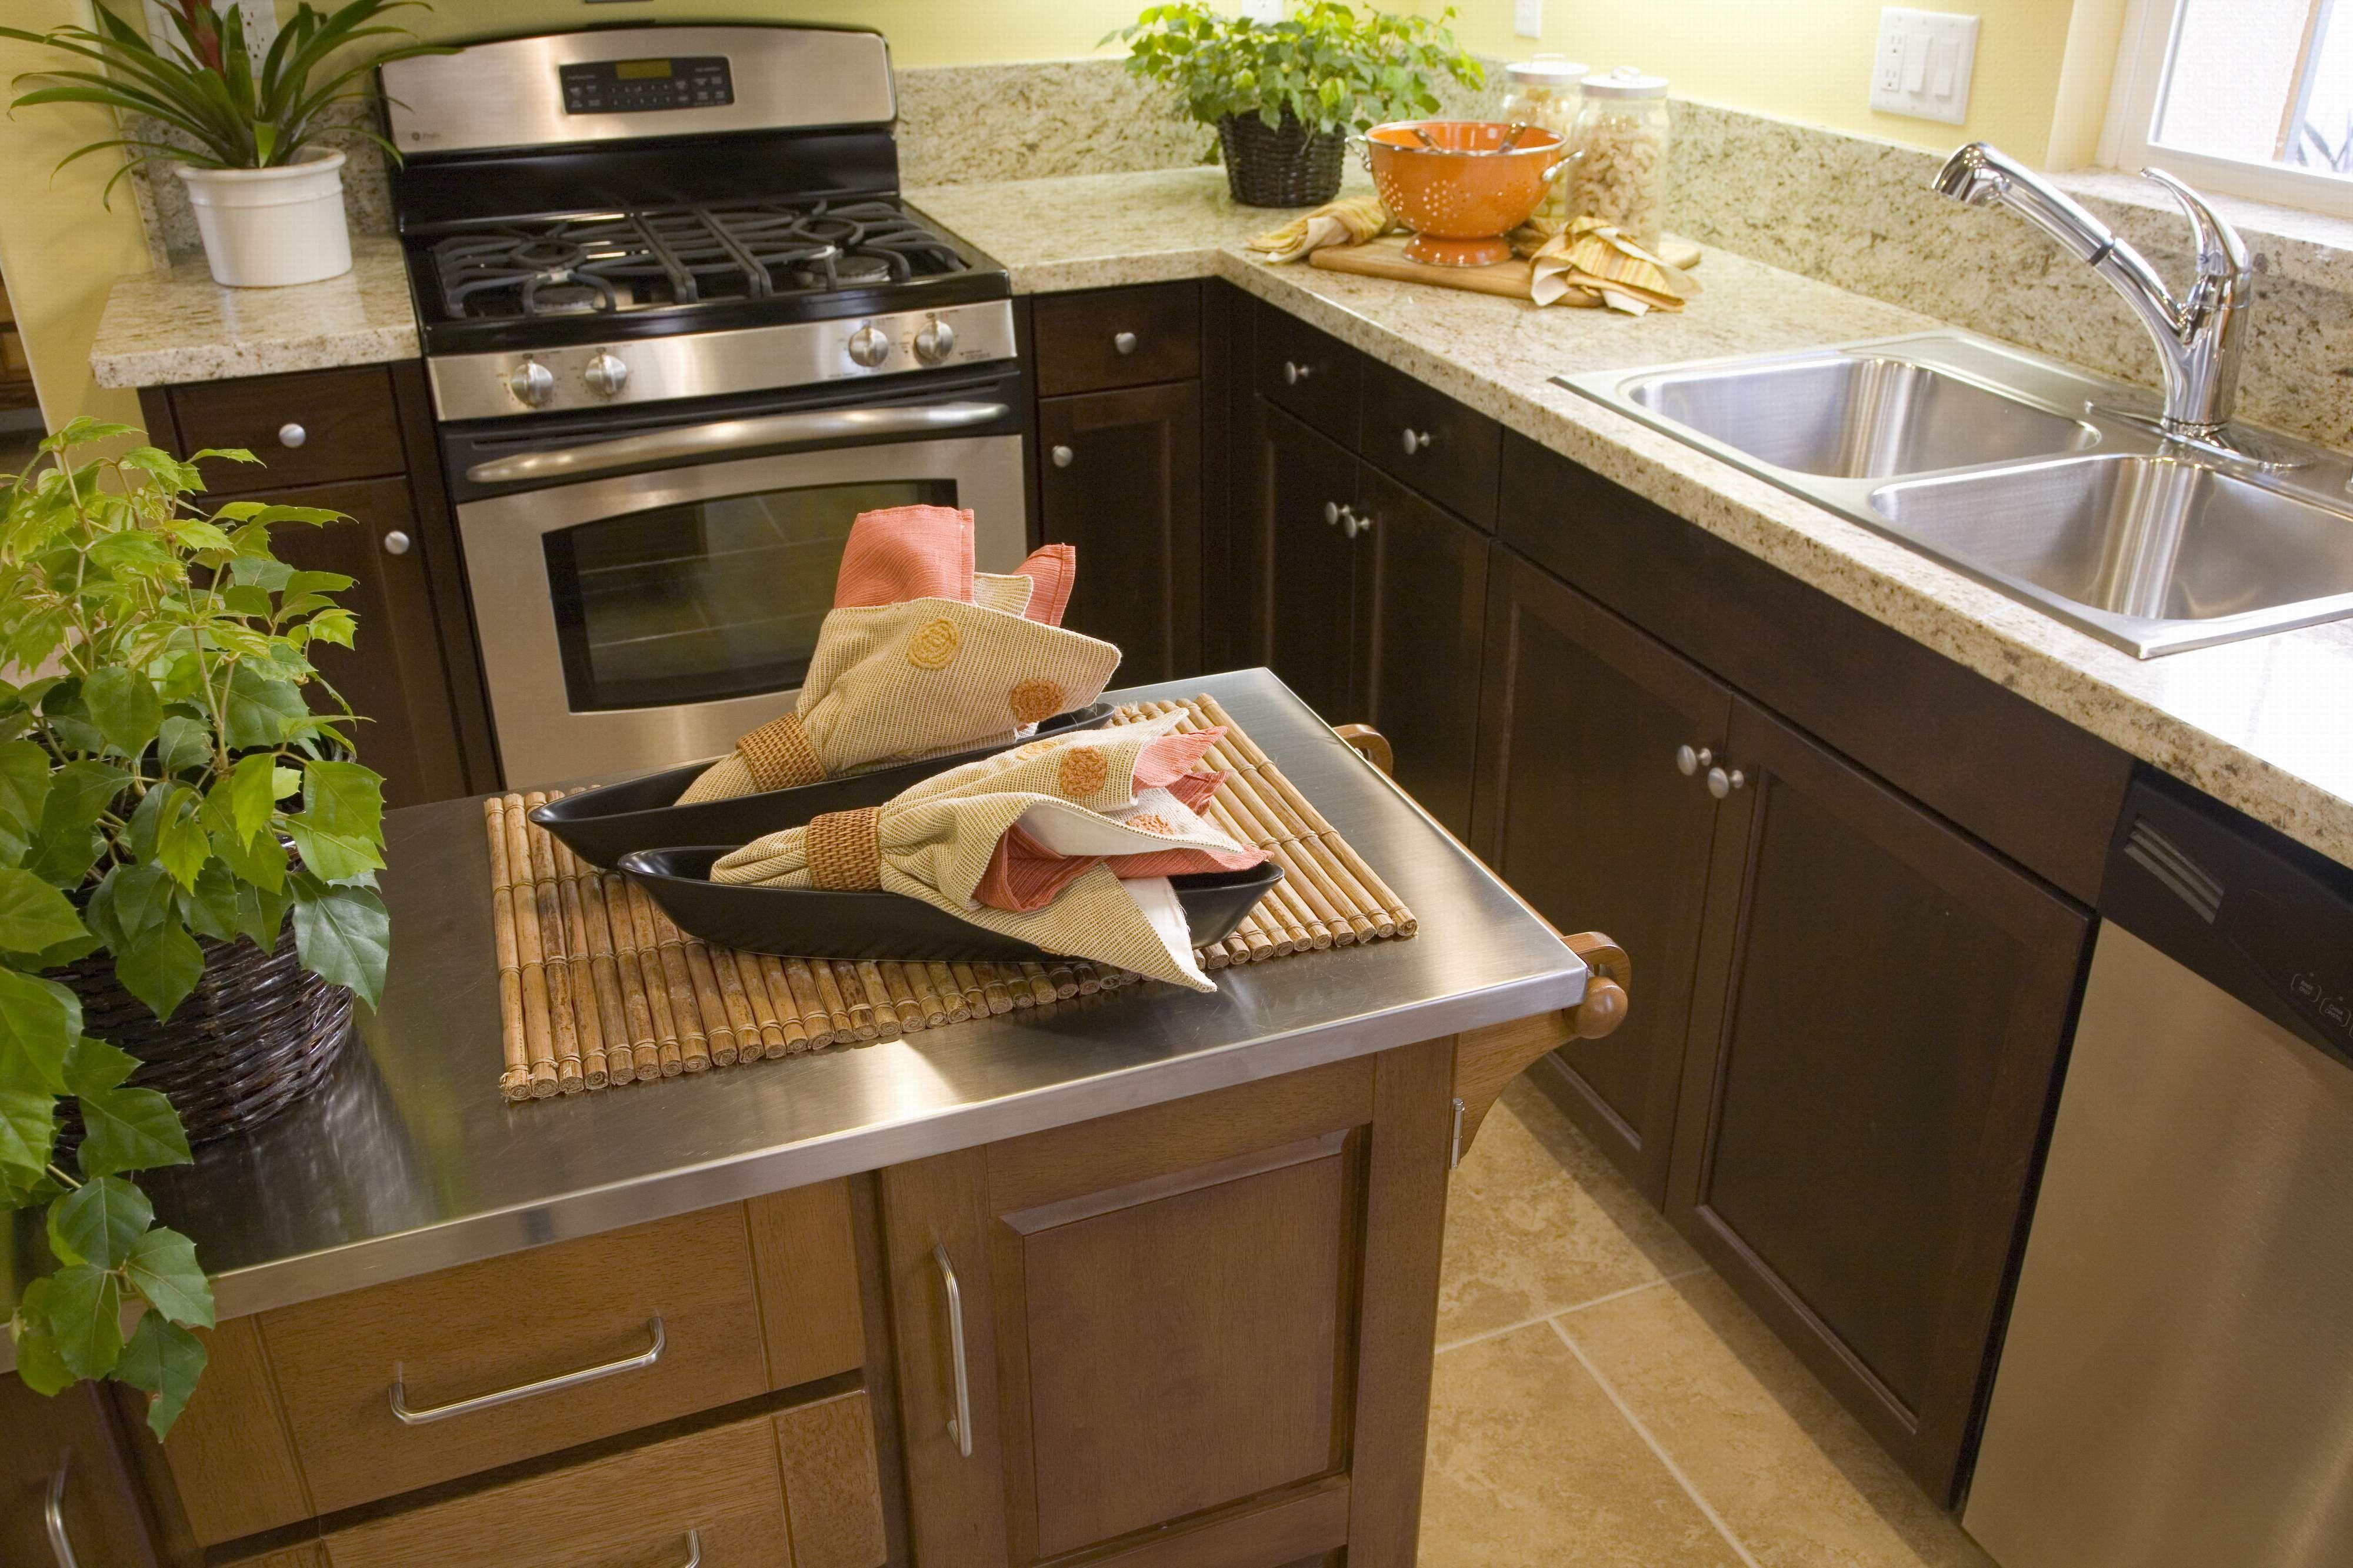 Edelstahl Kuche Insel Arbeitsplatte Braun Tisch Schrank Wasserhahn Waschbec Kitchen Design Open Stainless Steel Kitchen Counters Stainless Steel Kitchen Island